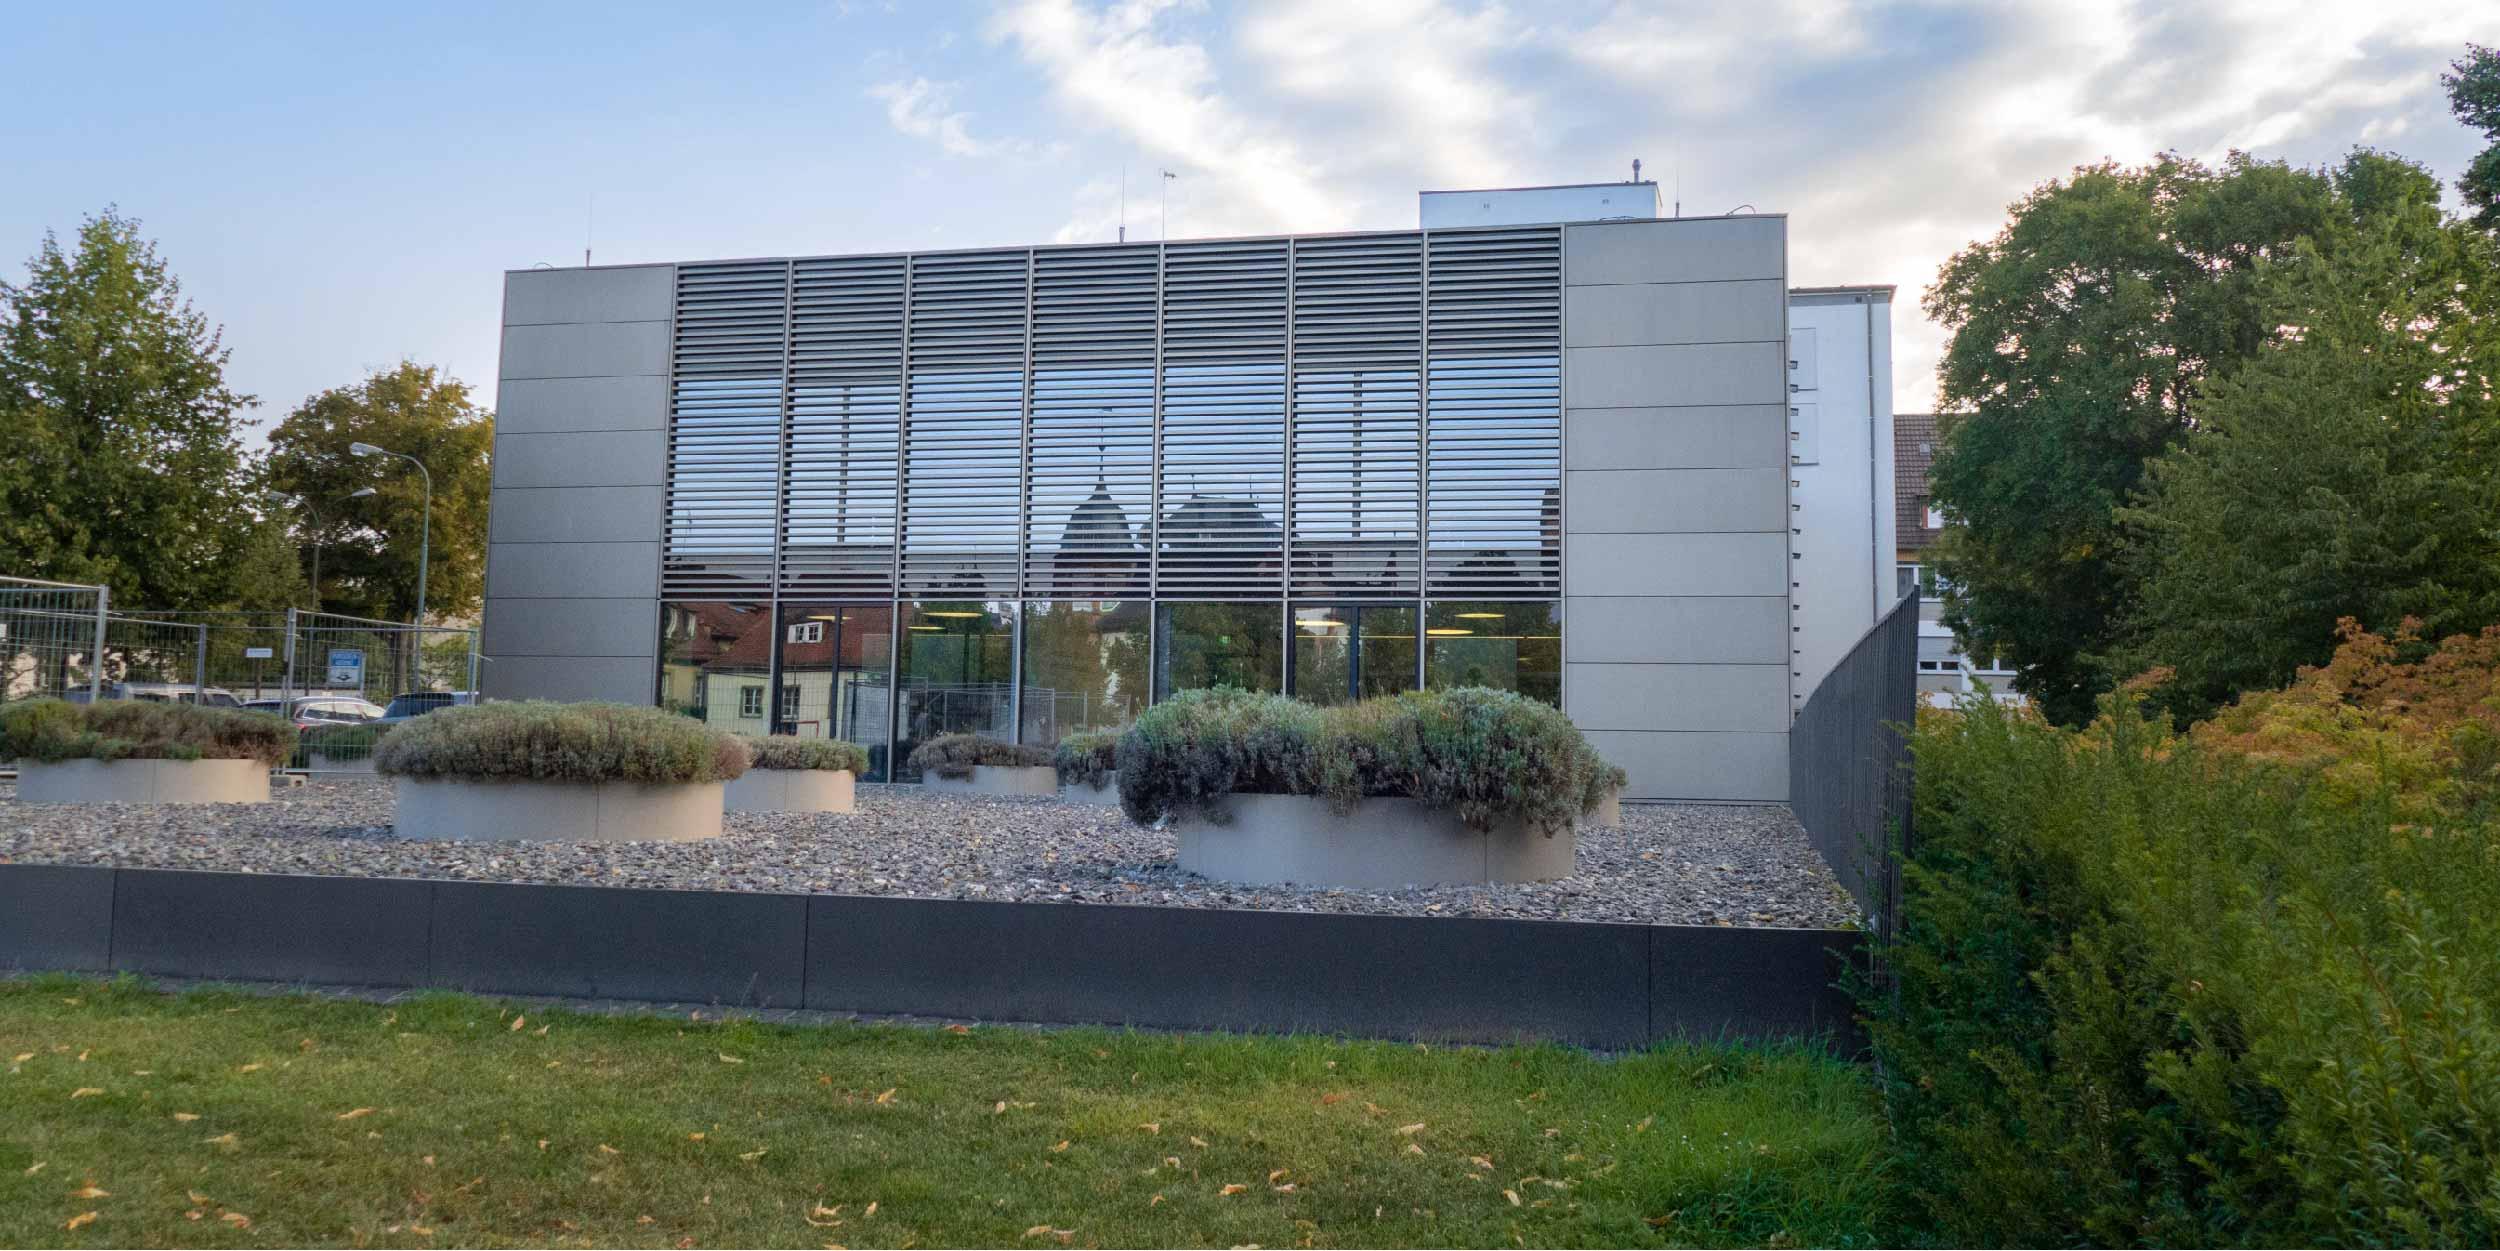 bauunternehmen_wingenfeld_gmbh_bauen_fulda__oeffentliche_bauten_bibliothek_hochschule